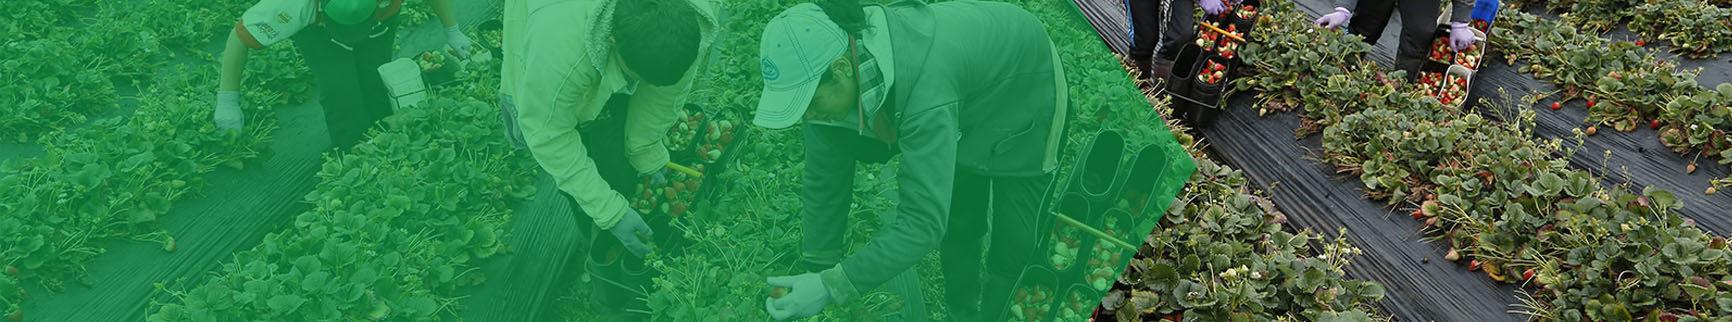 Imagen de dos campesinos, uno es hombre y otra mujer, están agachados revisando el cultivo.